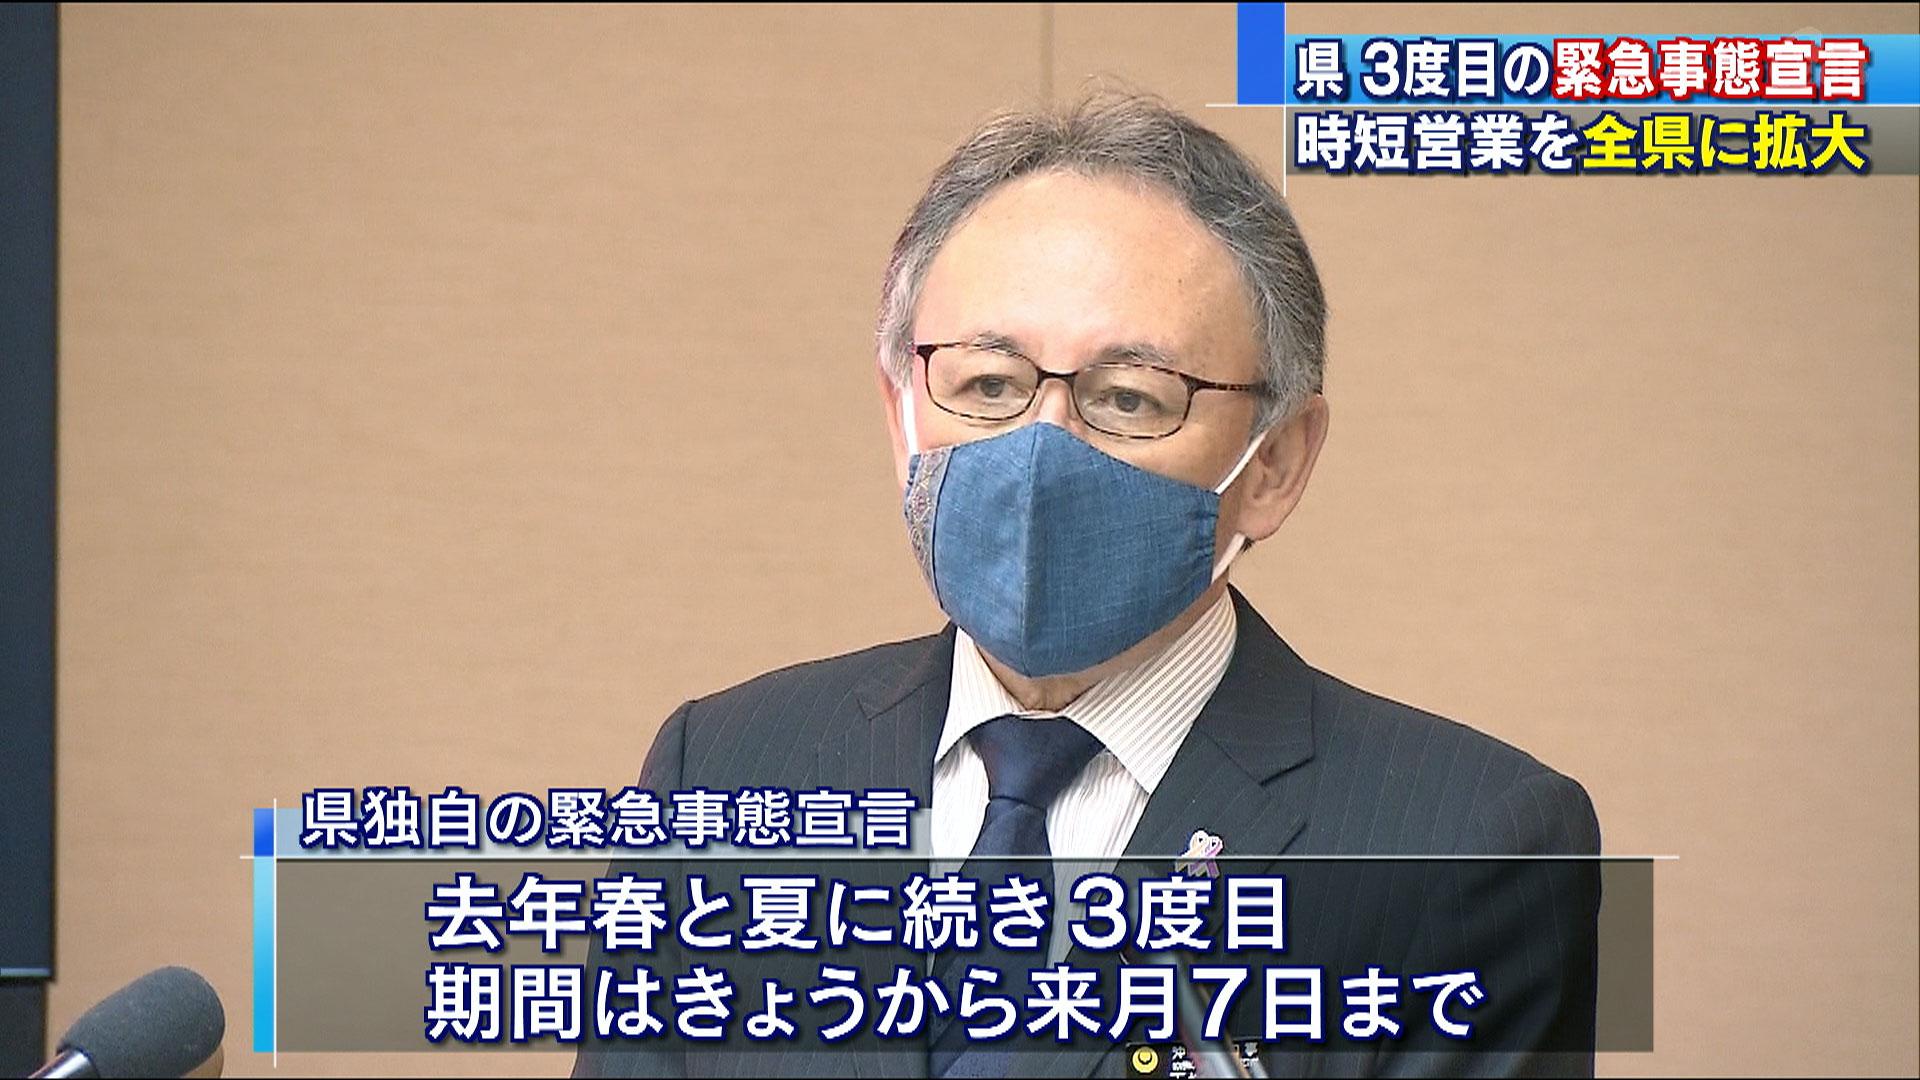 沖縄県 3度目の緊急事態宣言